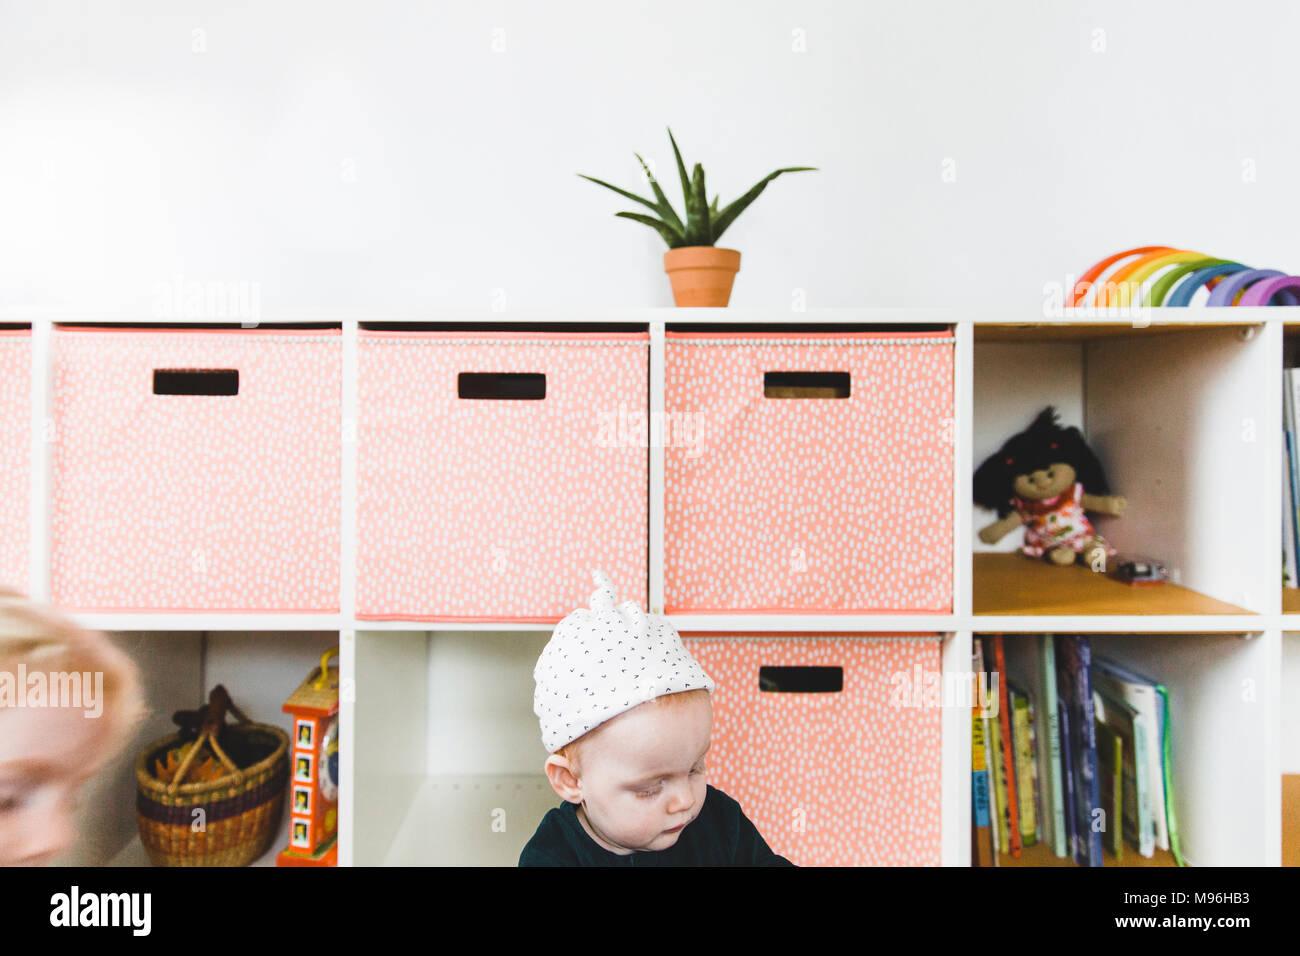 Chica en playroom sentado junto a rosa cajones Imagen De Stock